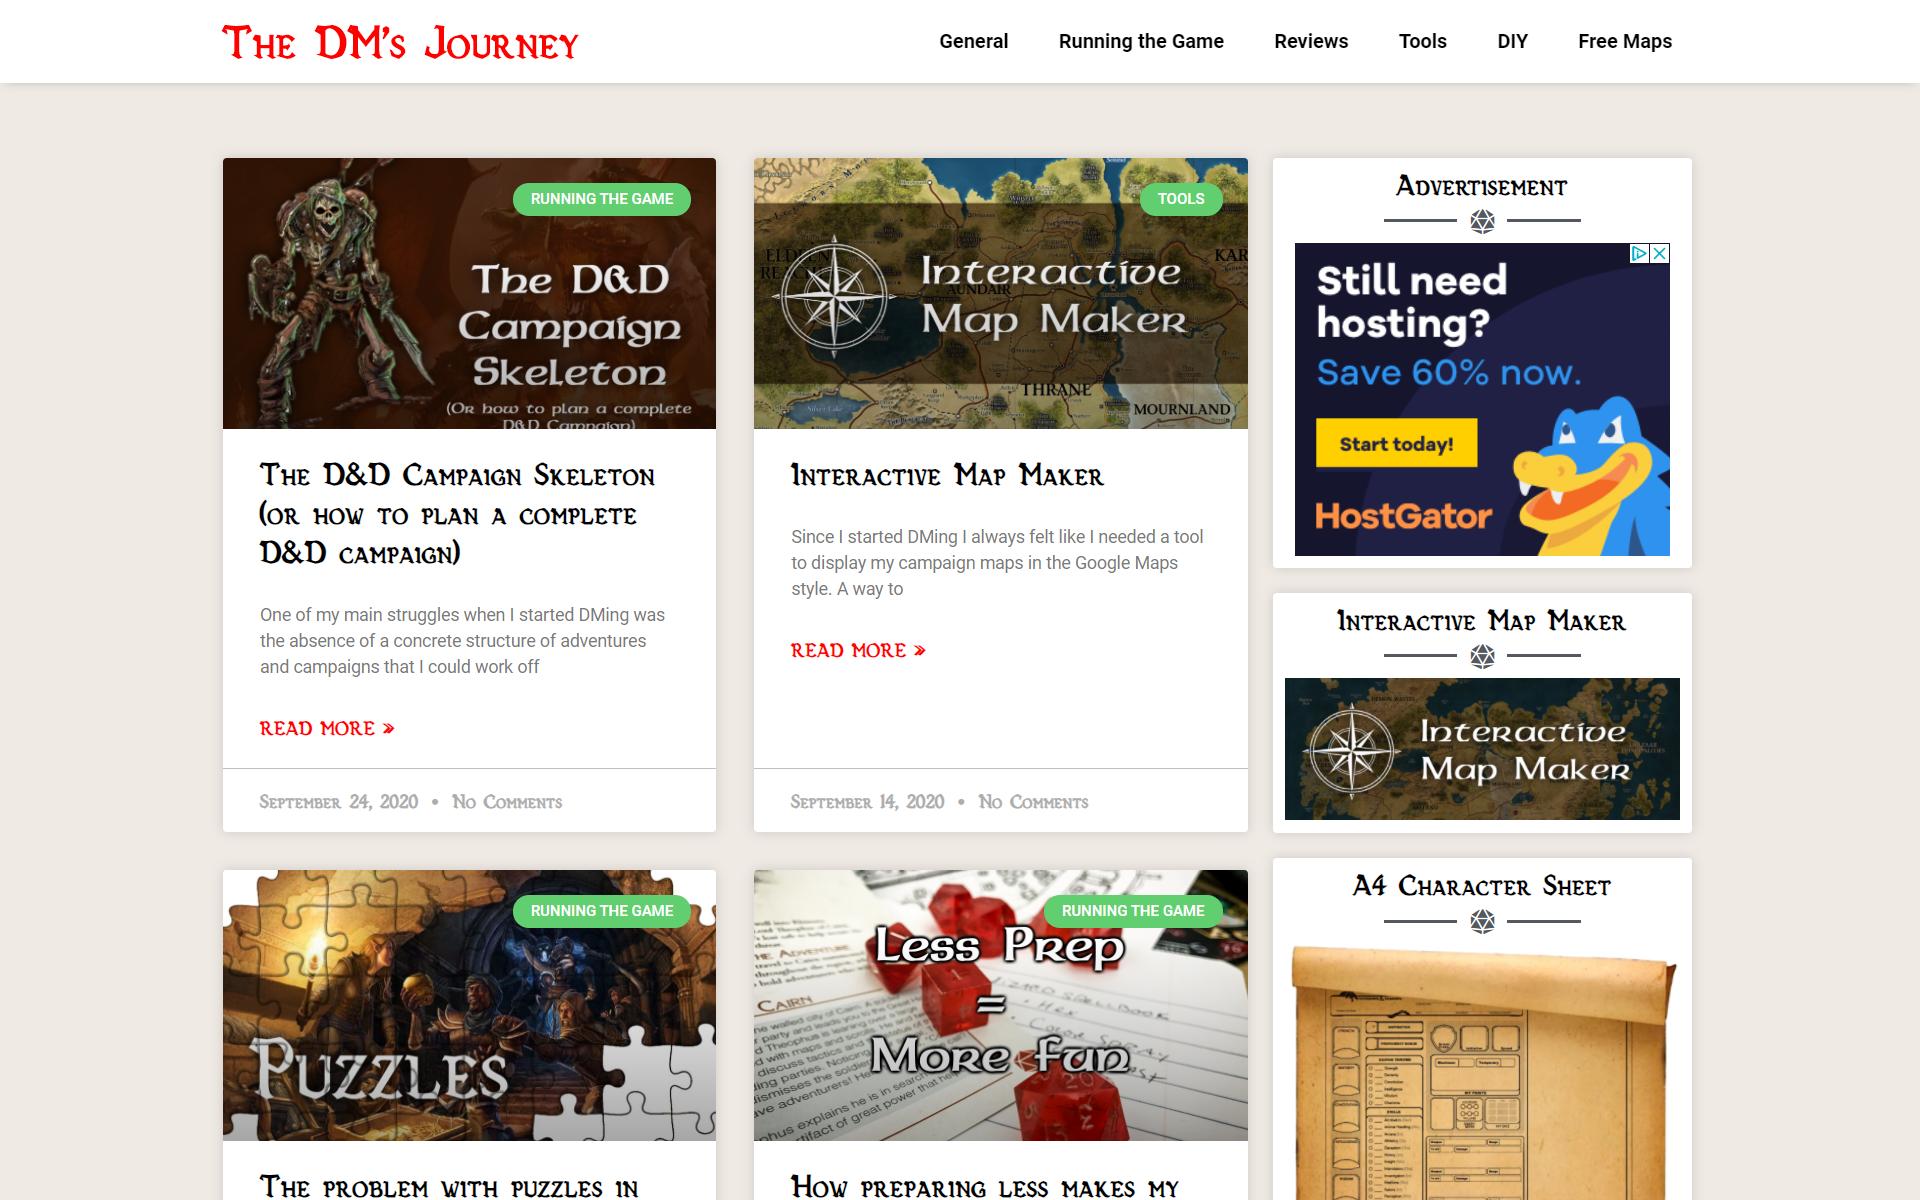 DMsJourney.com